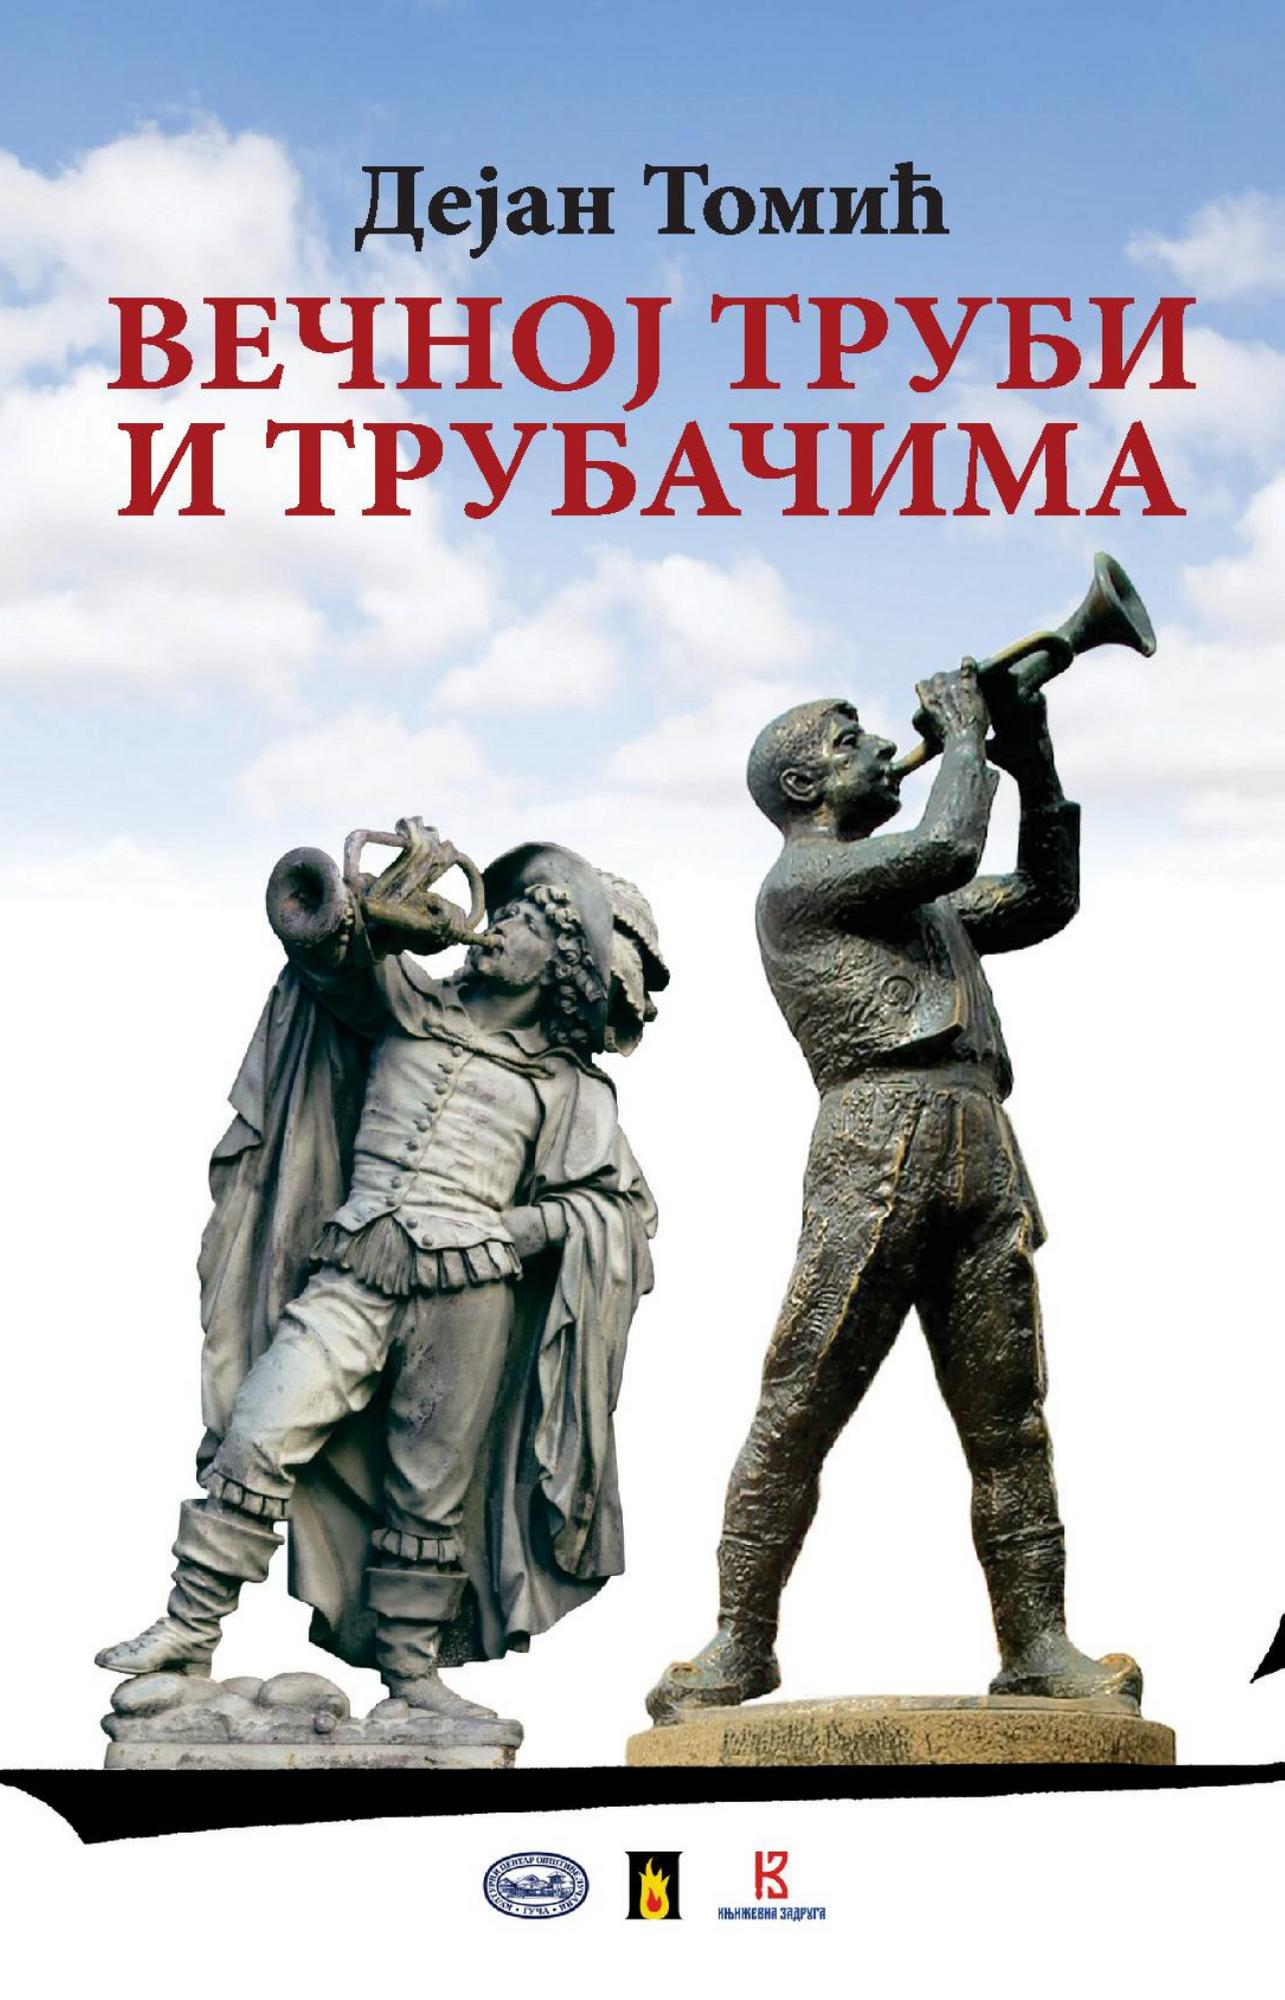 Вечној труби и трубачима